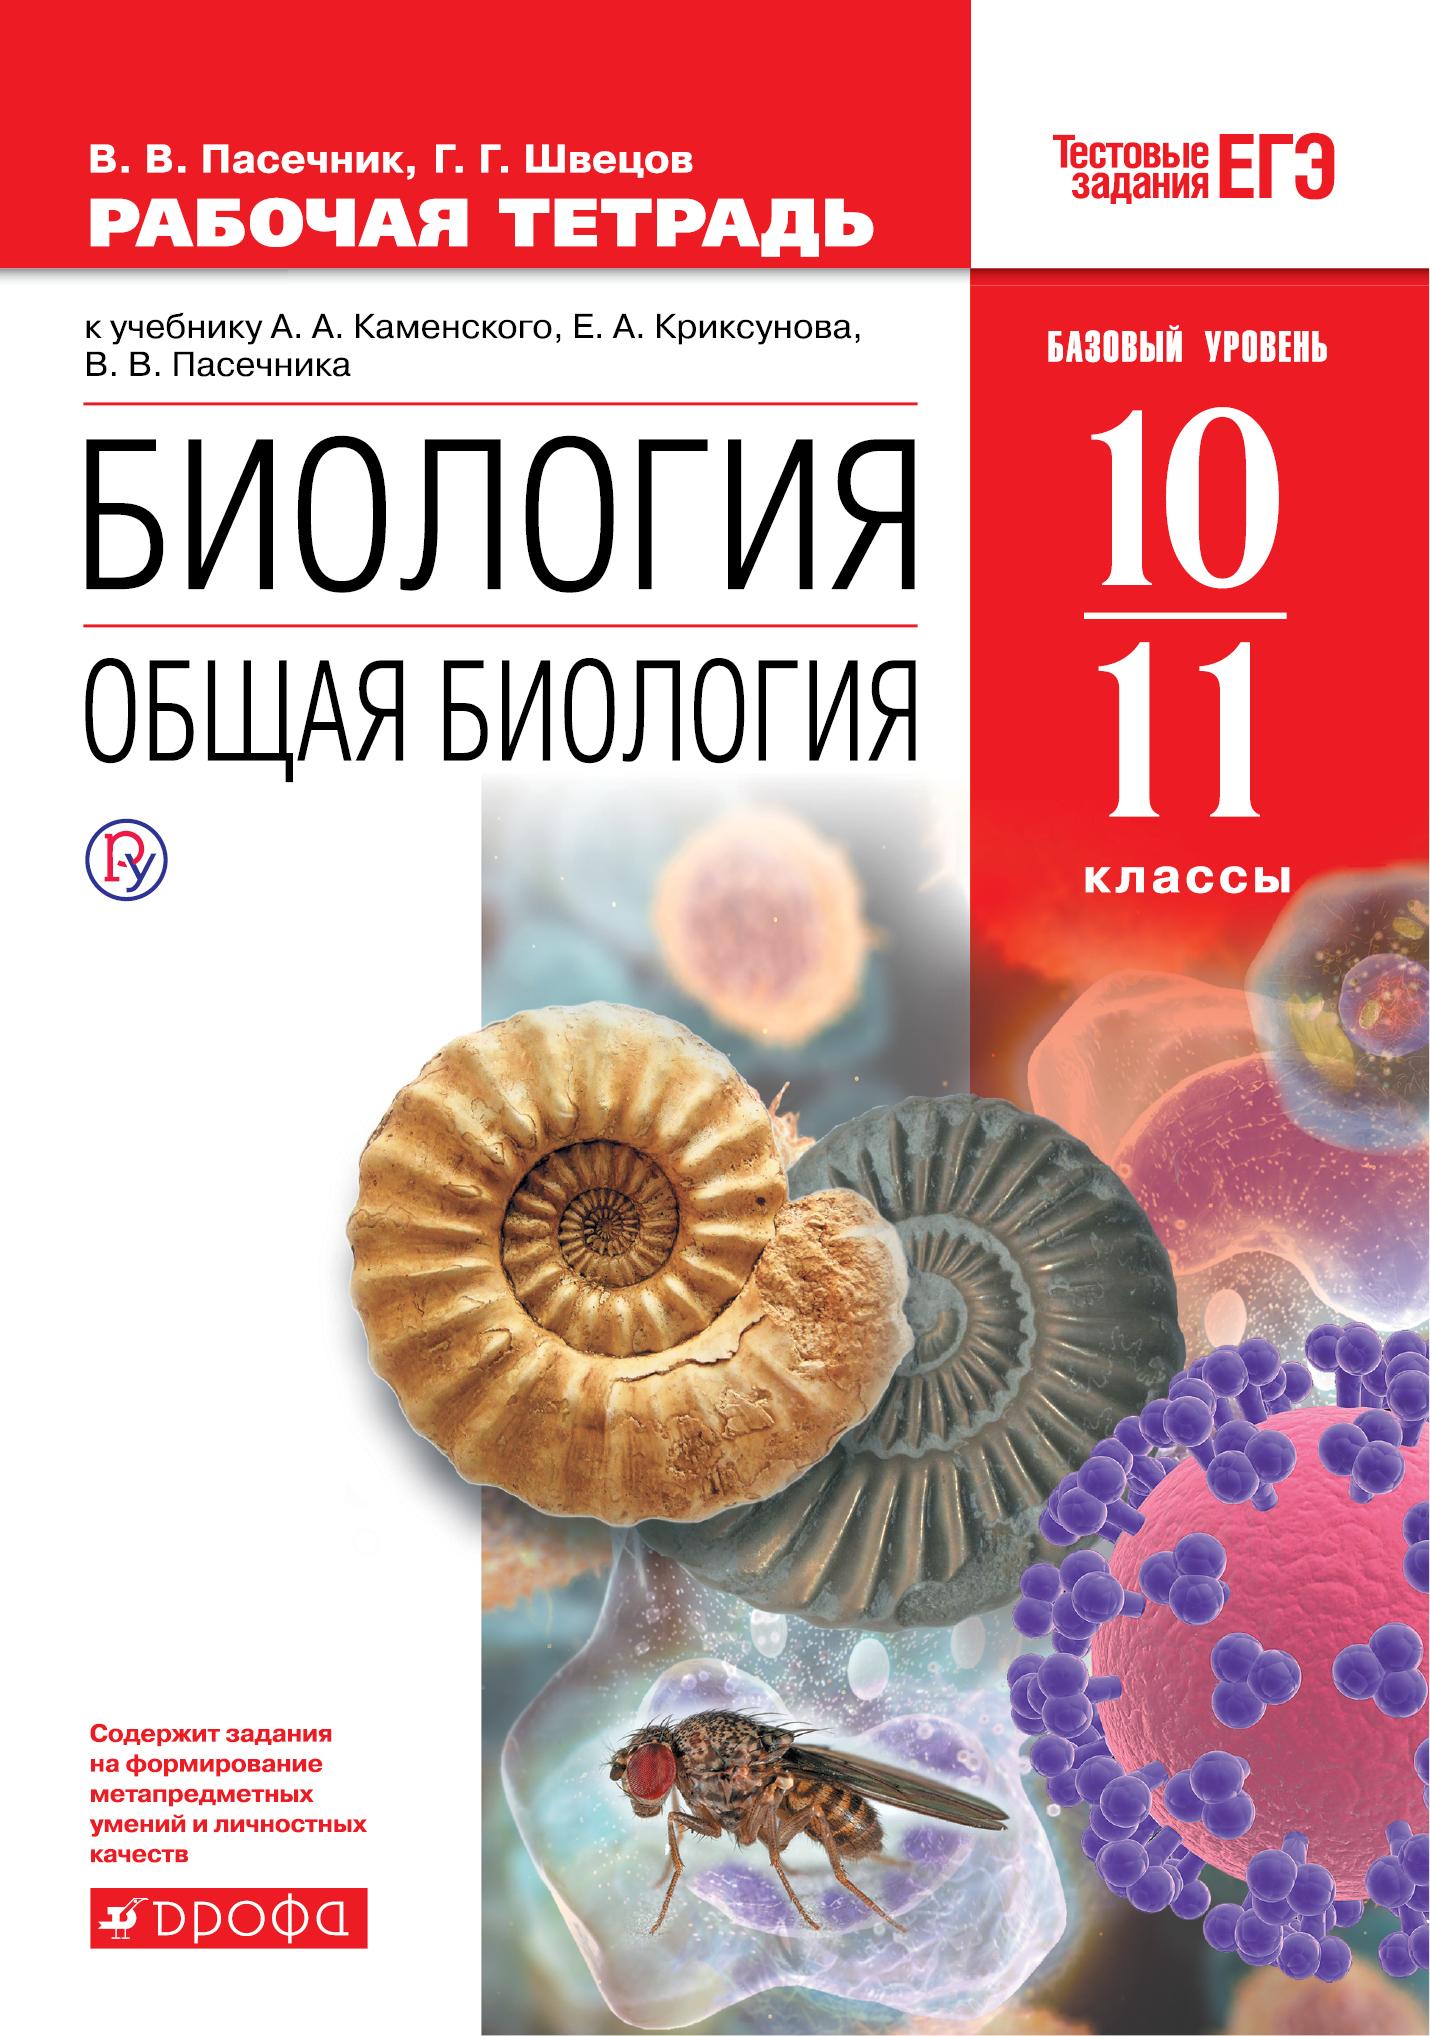 Пасечник В.В., Швецов Г.Г. Биология. Общая биология.10-11 классы. Базовый уровень. Рабочая тетрадь